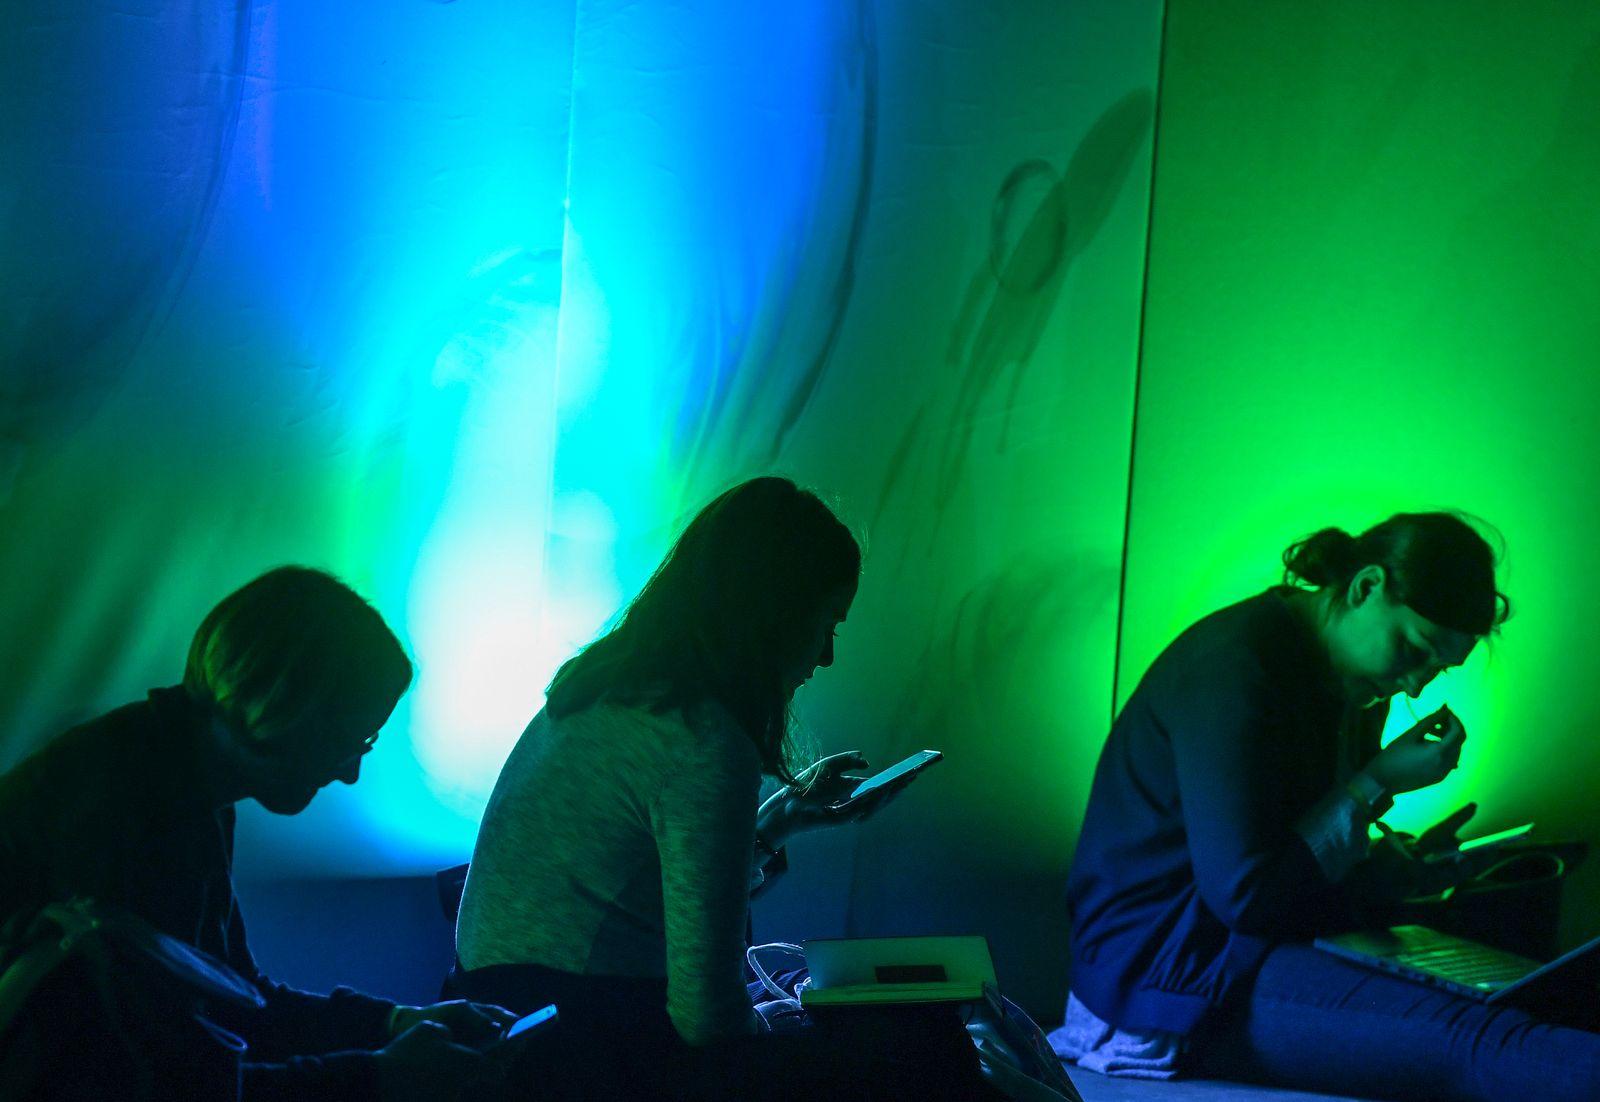 Symbolbild Datenschutzgrundverordnung/ Internet User/ Laptops/ Smartphones/ Internetkonferenz